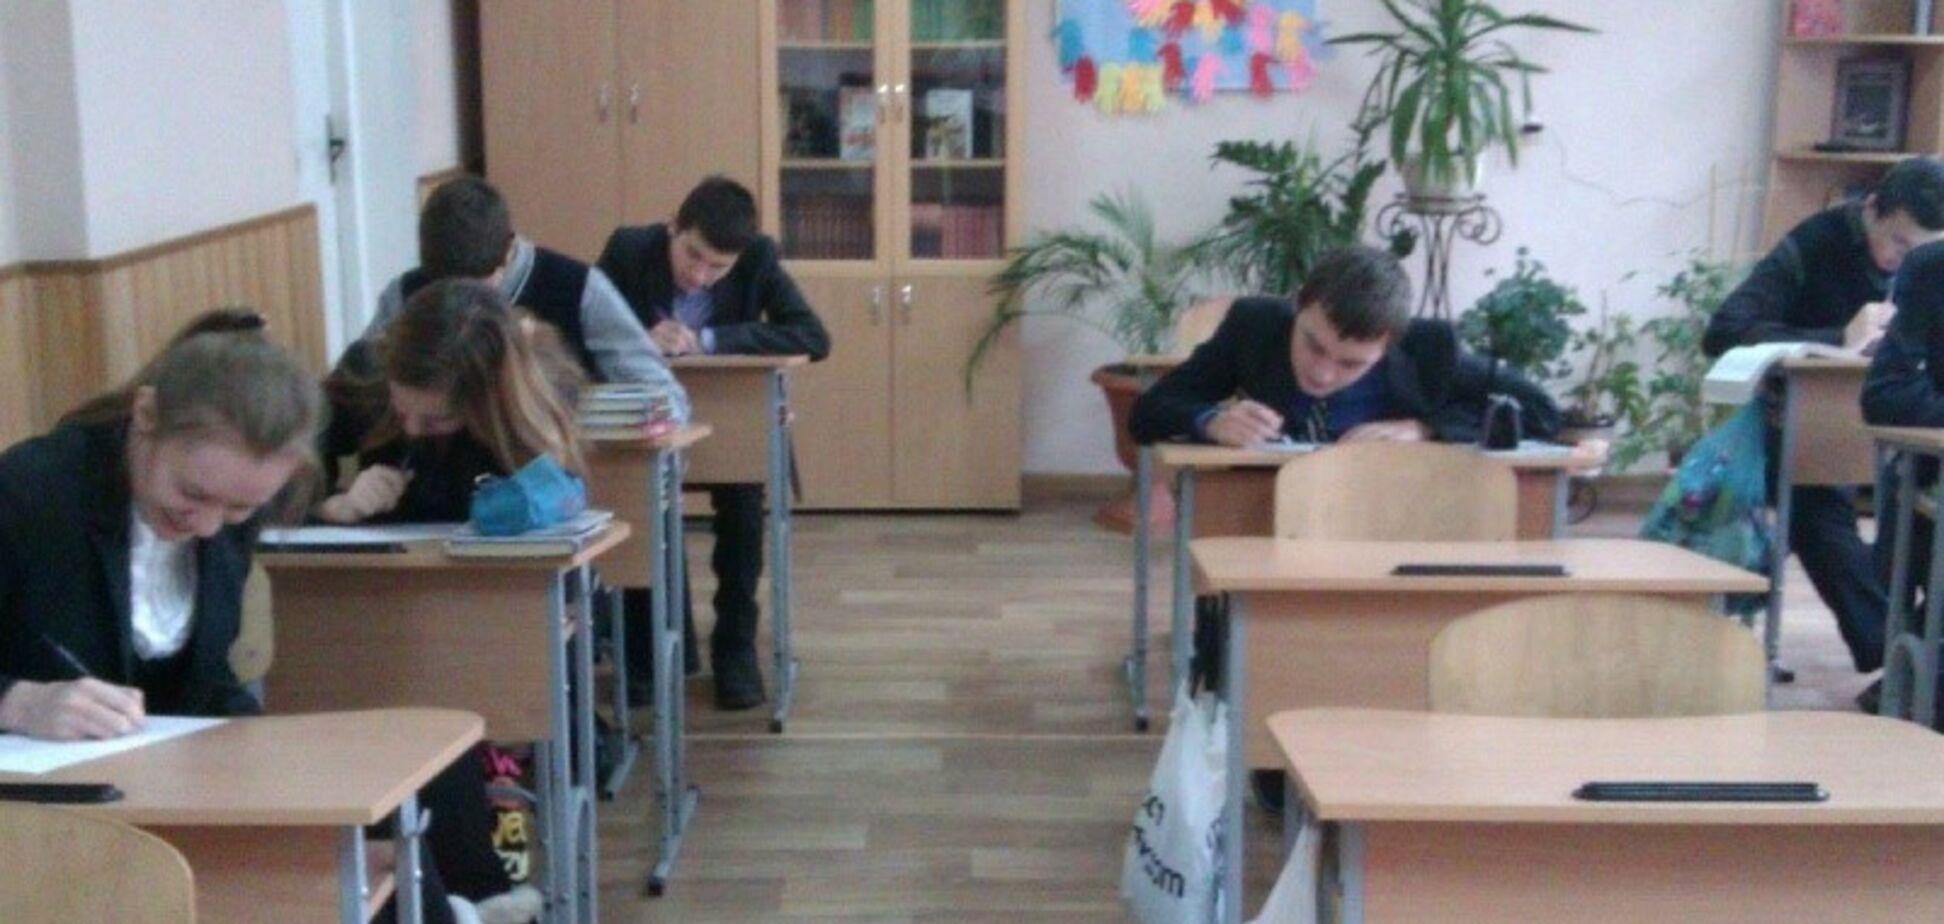 Аналогів у світі немає: реформатор розповіла про нову українську школу